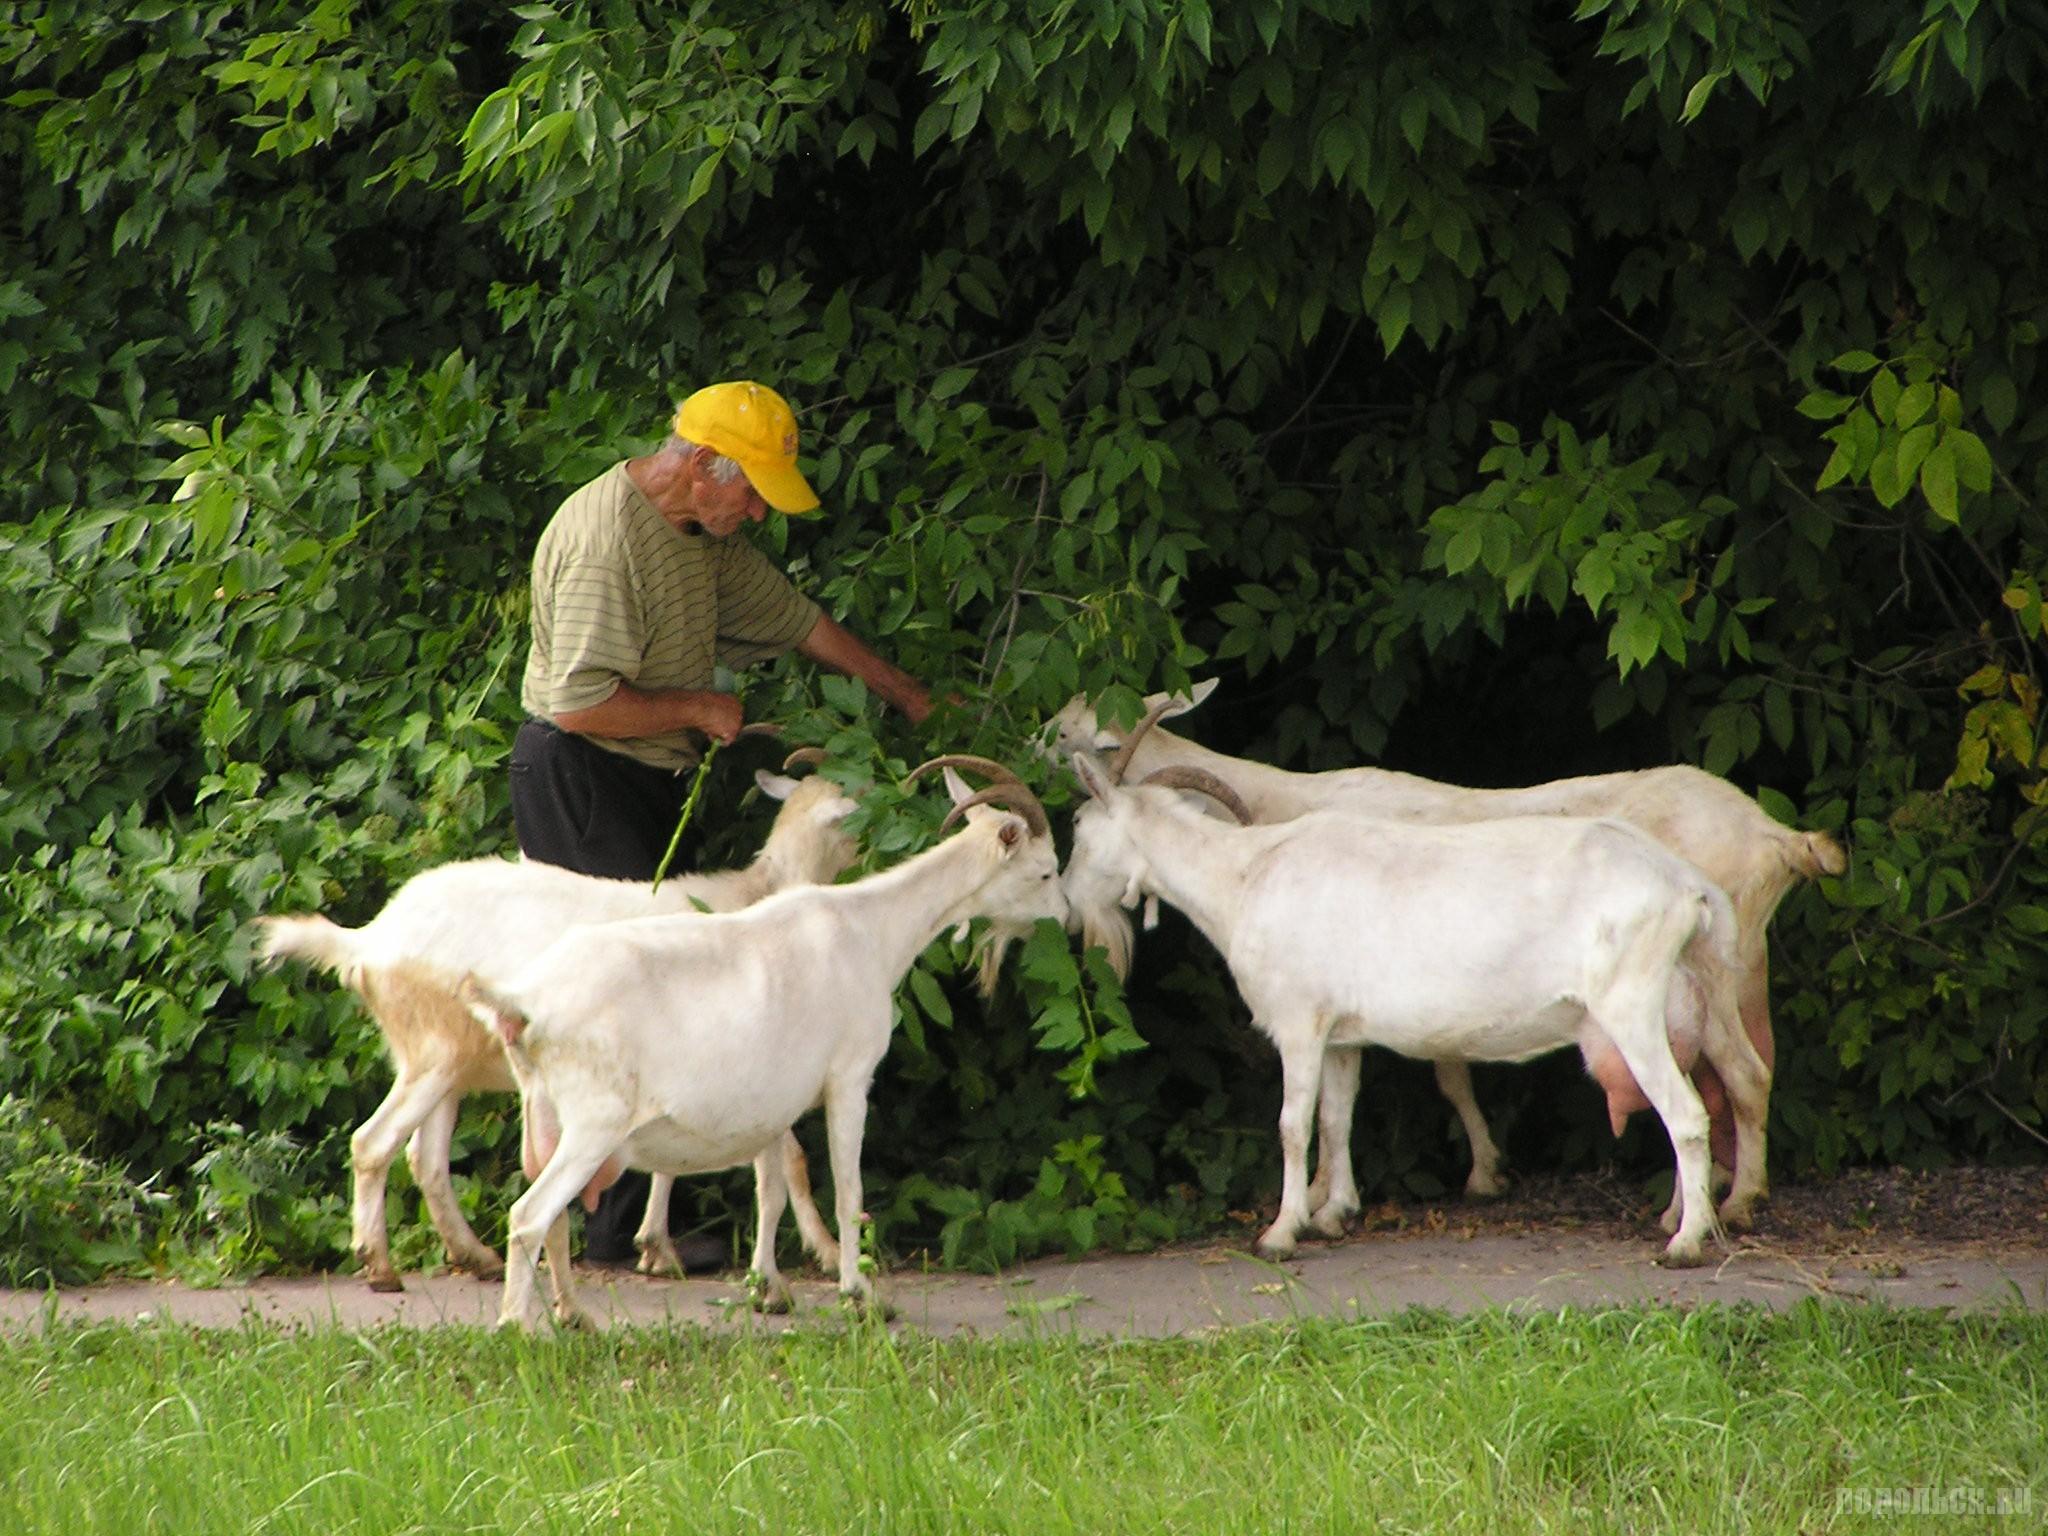 Дедушка с козами. Климовск, 16 июля 2016 г.